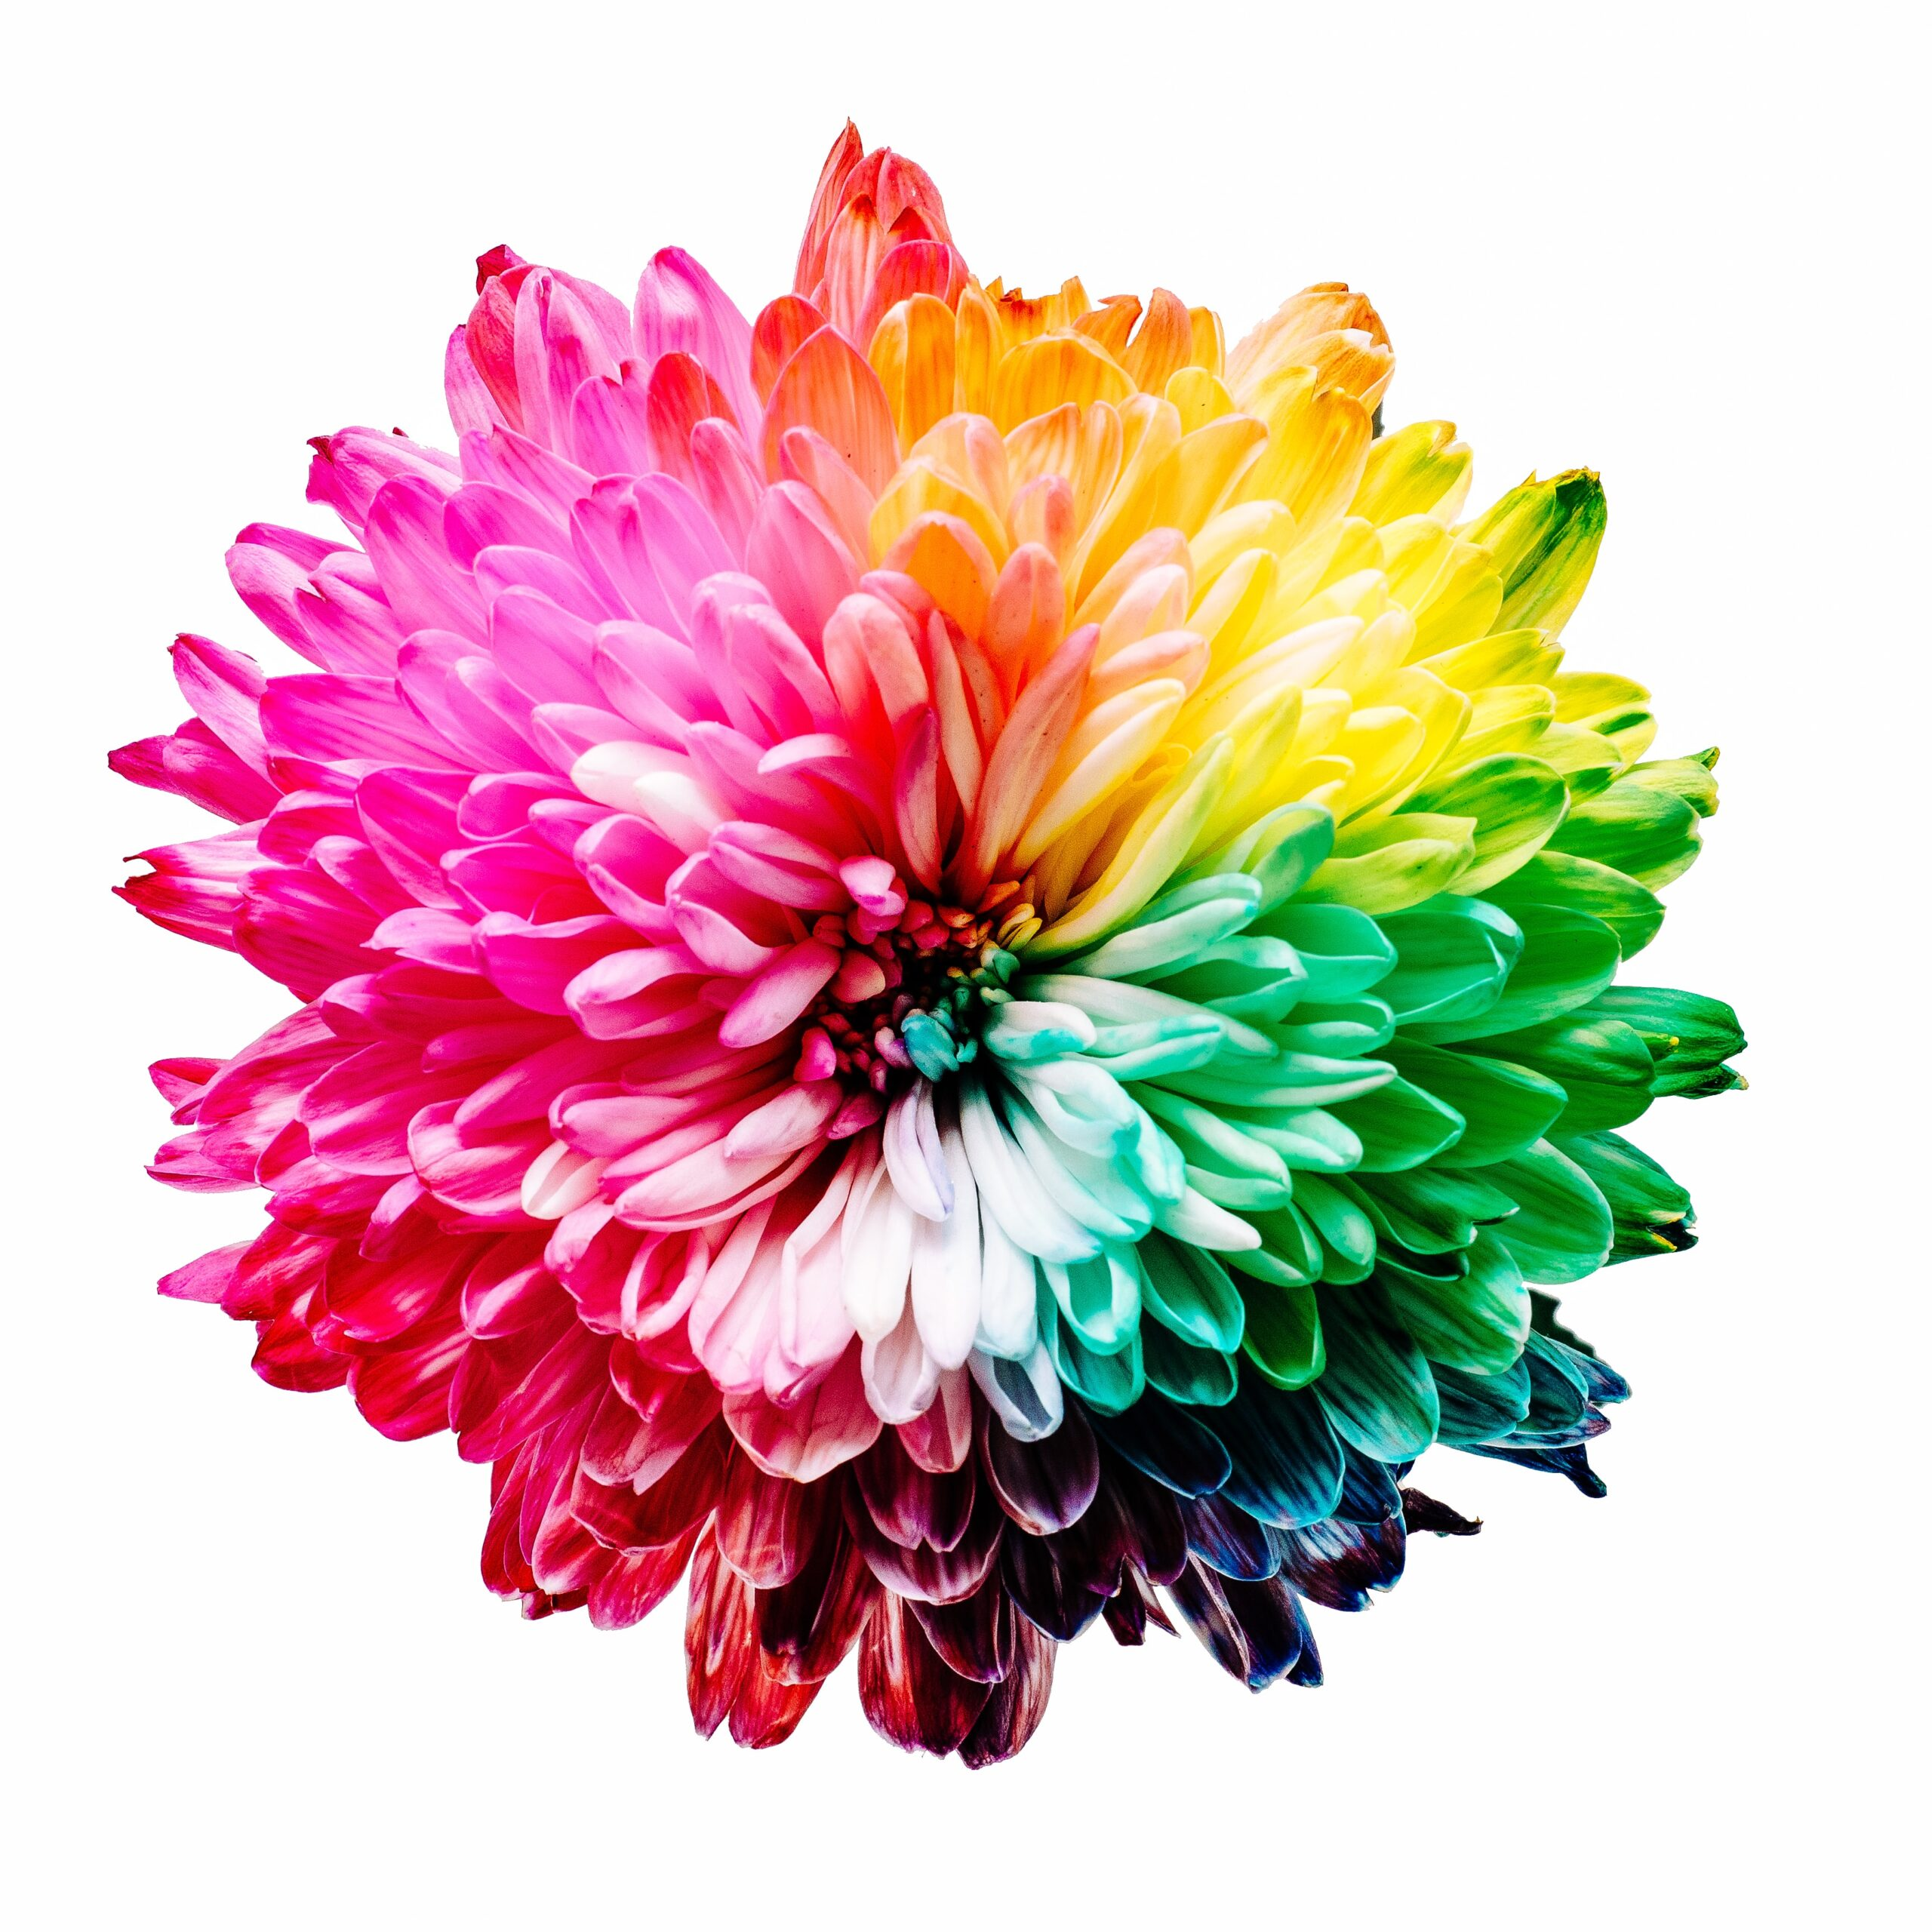 Les couleurs pour un site web professionnel